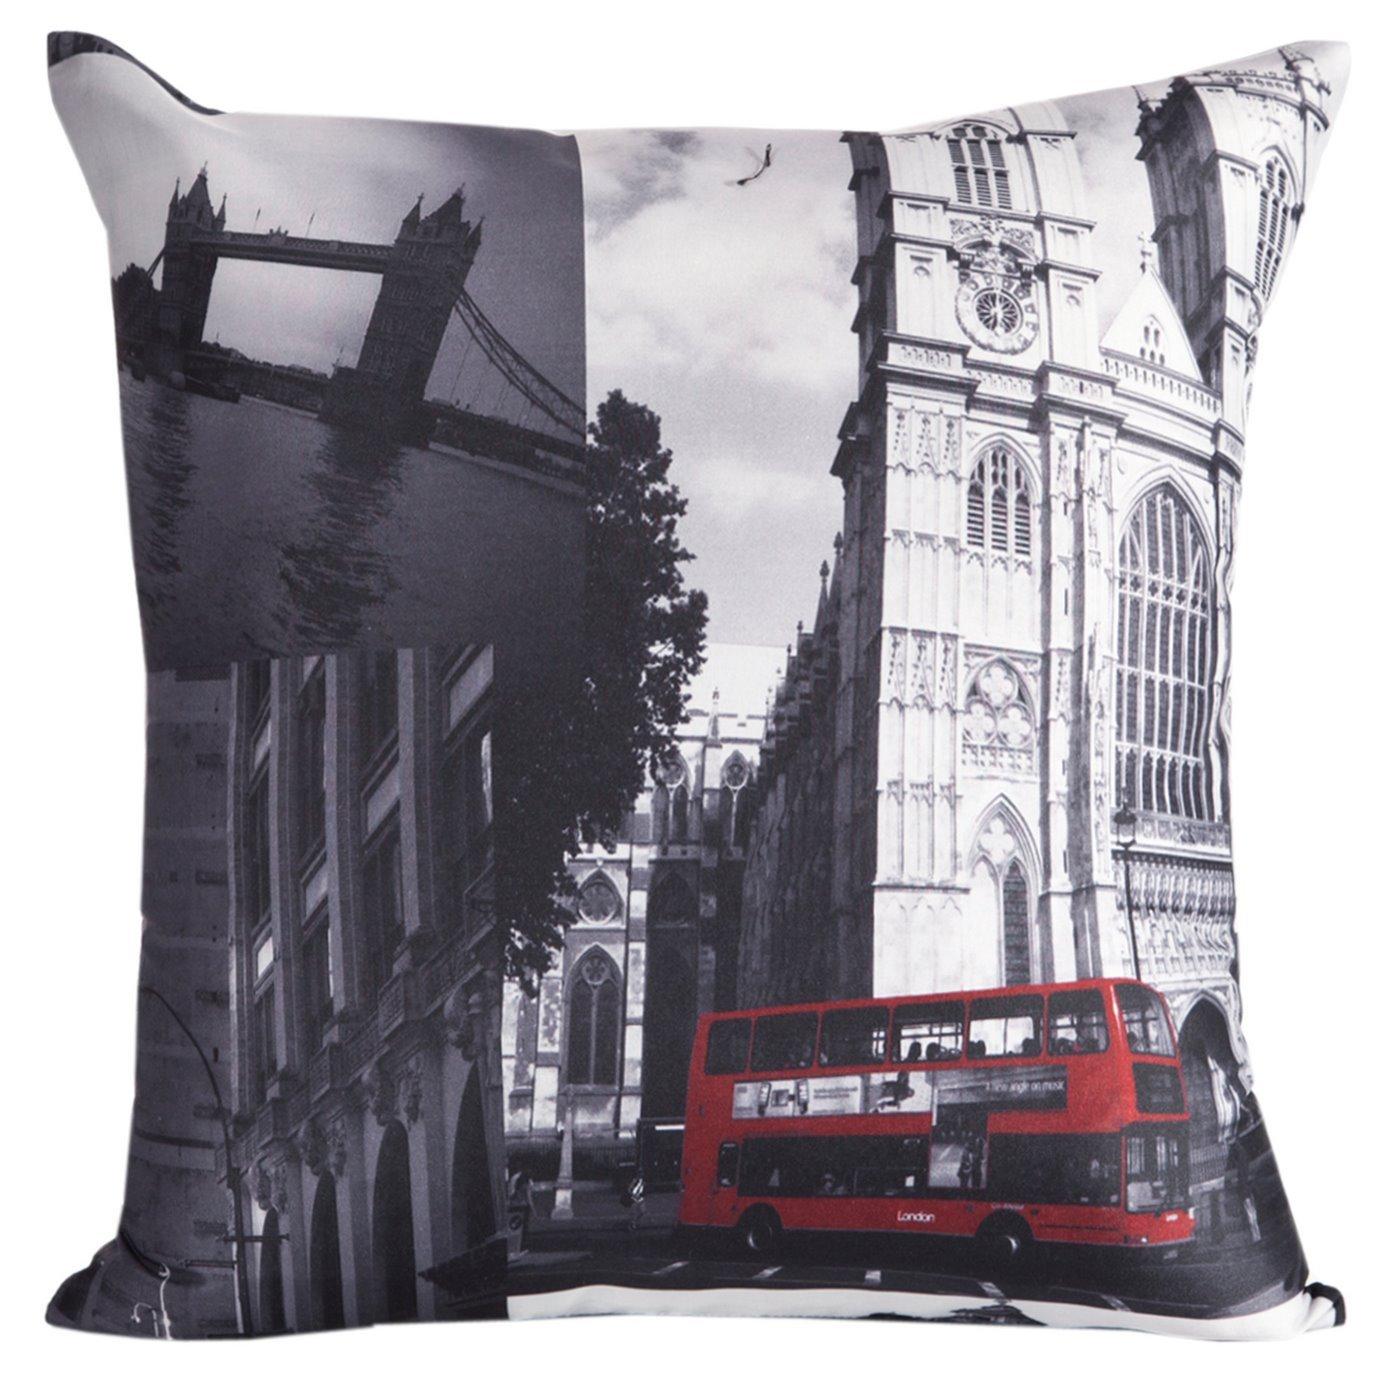 Poszewka na poduszkę 40 x 40 cm londyn szara czerwona